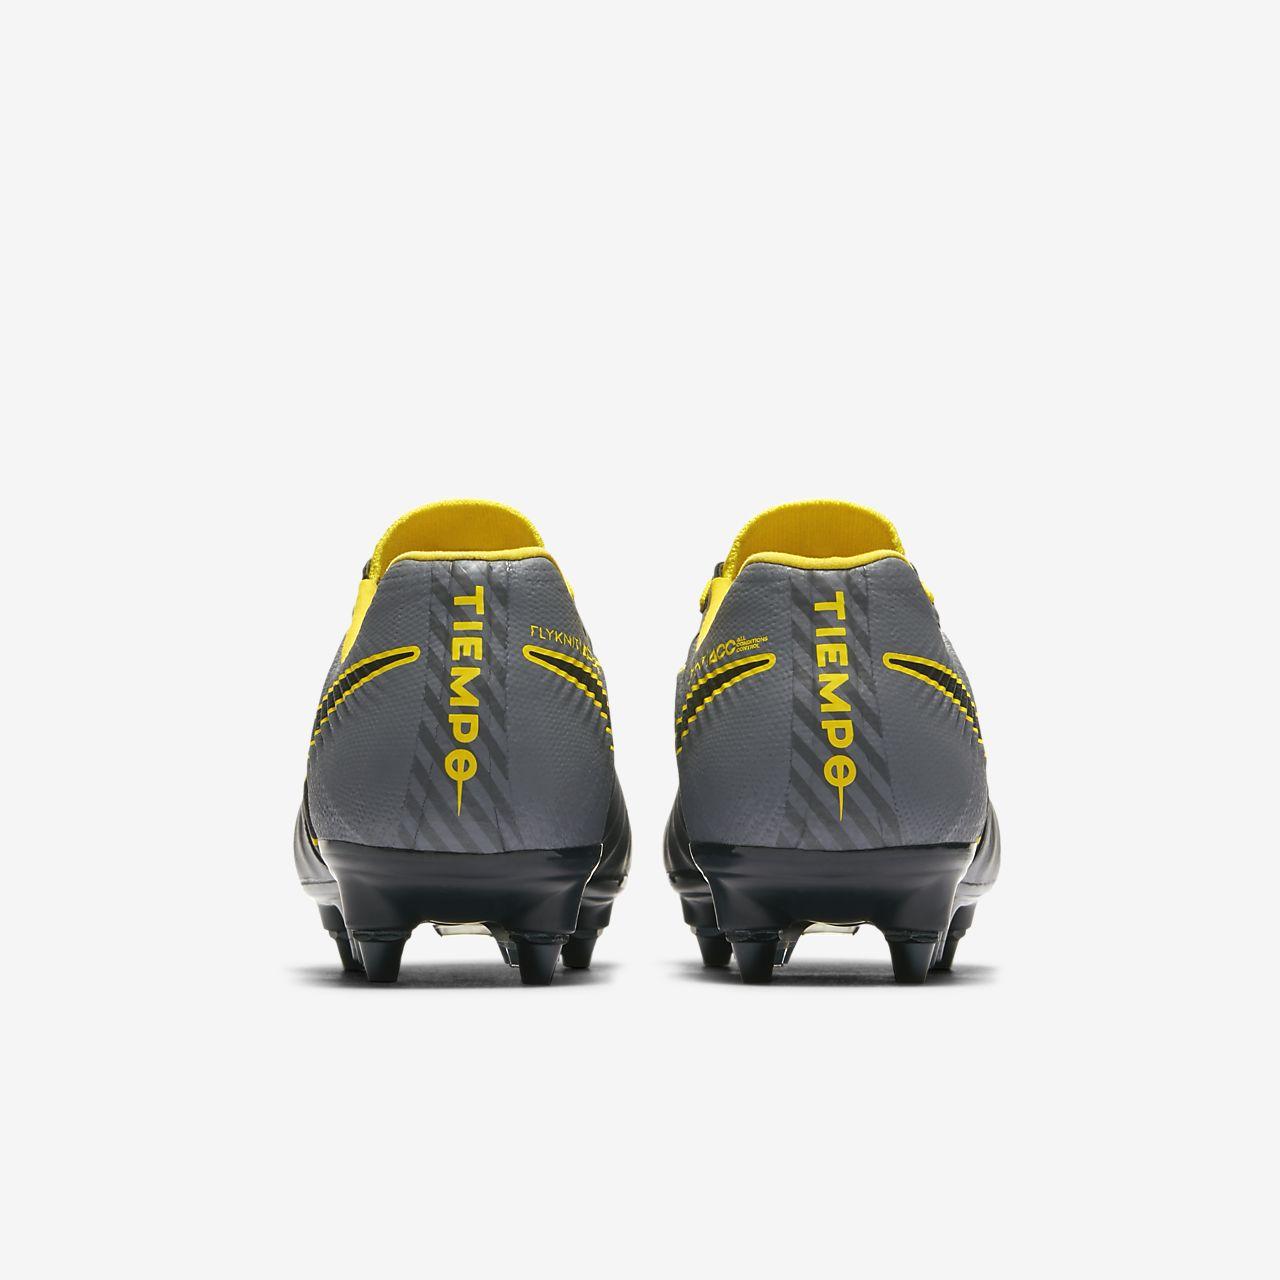 ea91a4923 ... Calzado de fútbol para terreno blando Nike Tiempo Legend VII Elite SG-Pro  Anti-